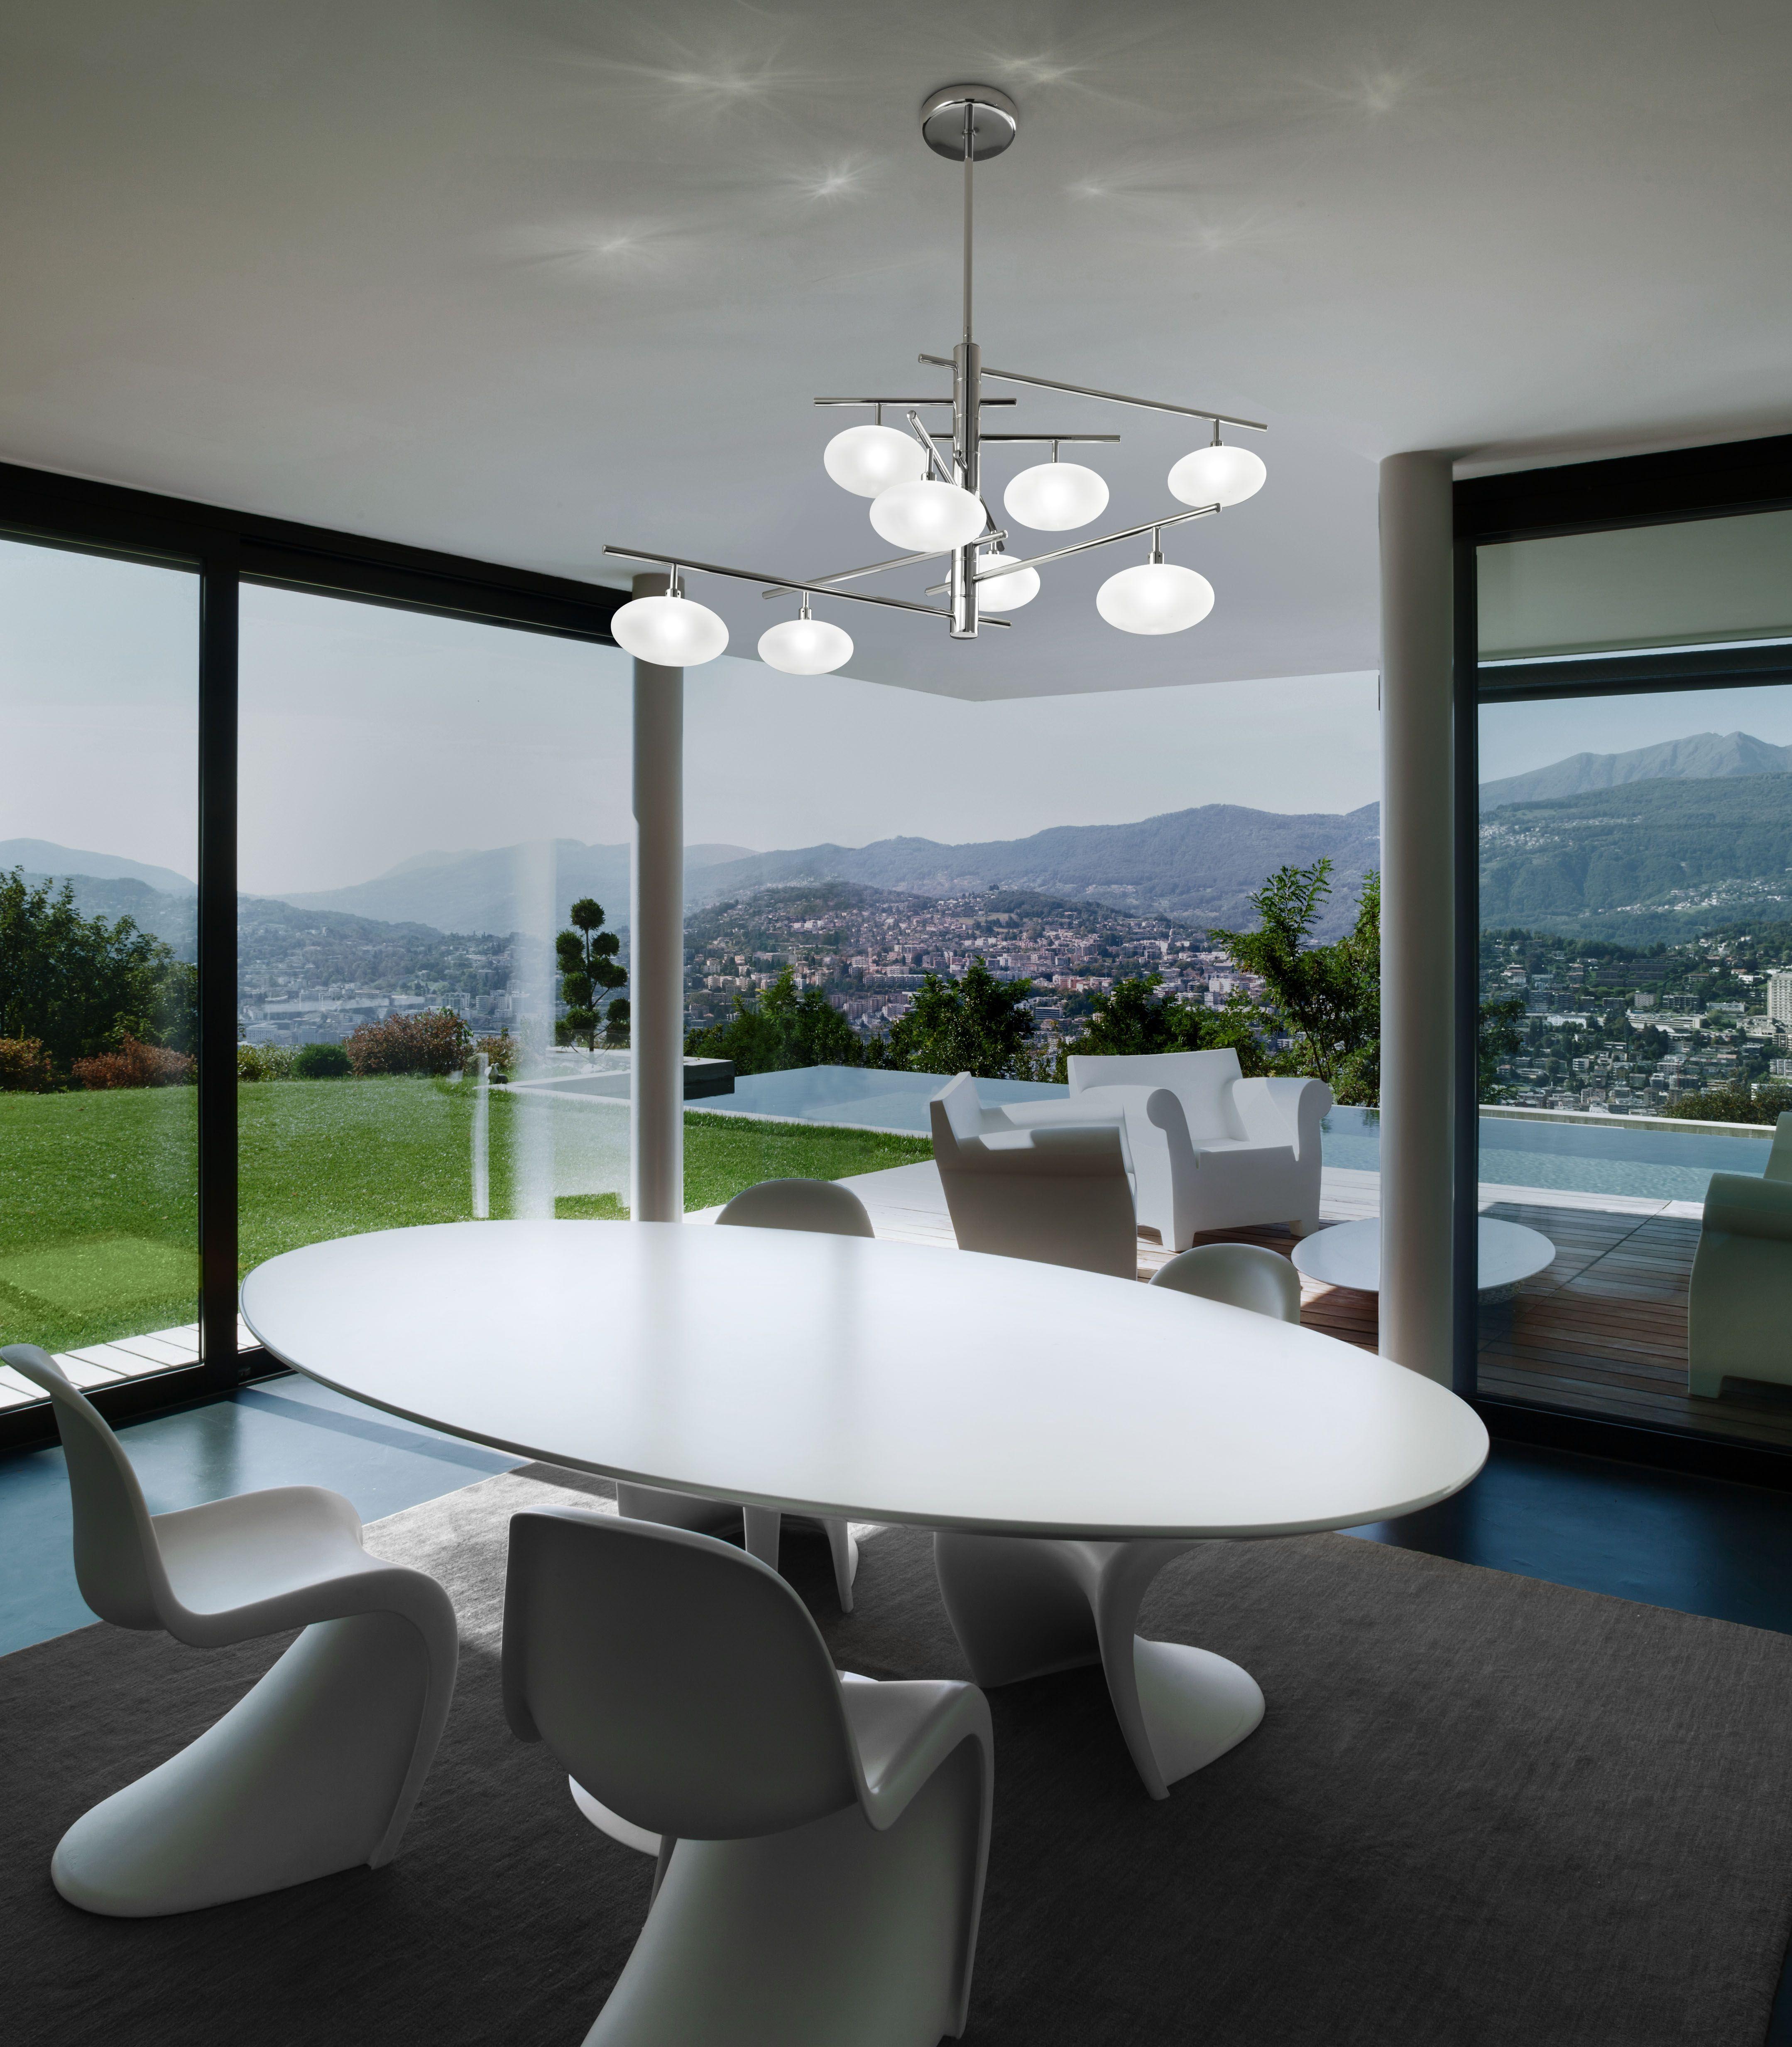 Lampade Sopra Tavolo Da Pranzo dolce: una composizione che disegna nello spazio eleganti